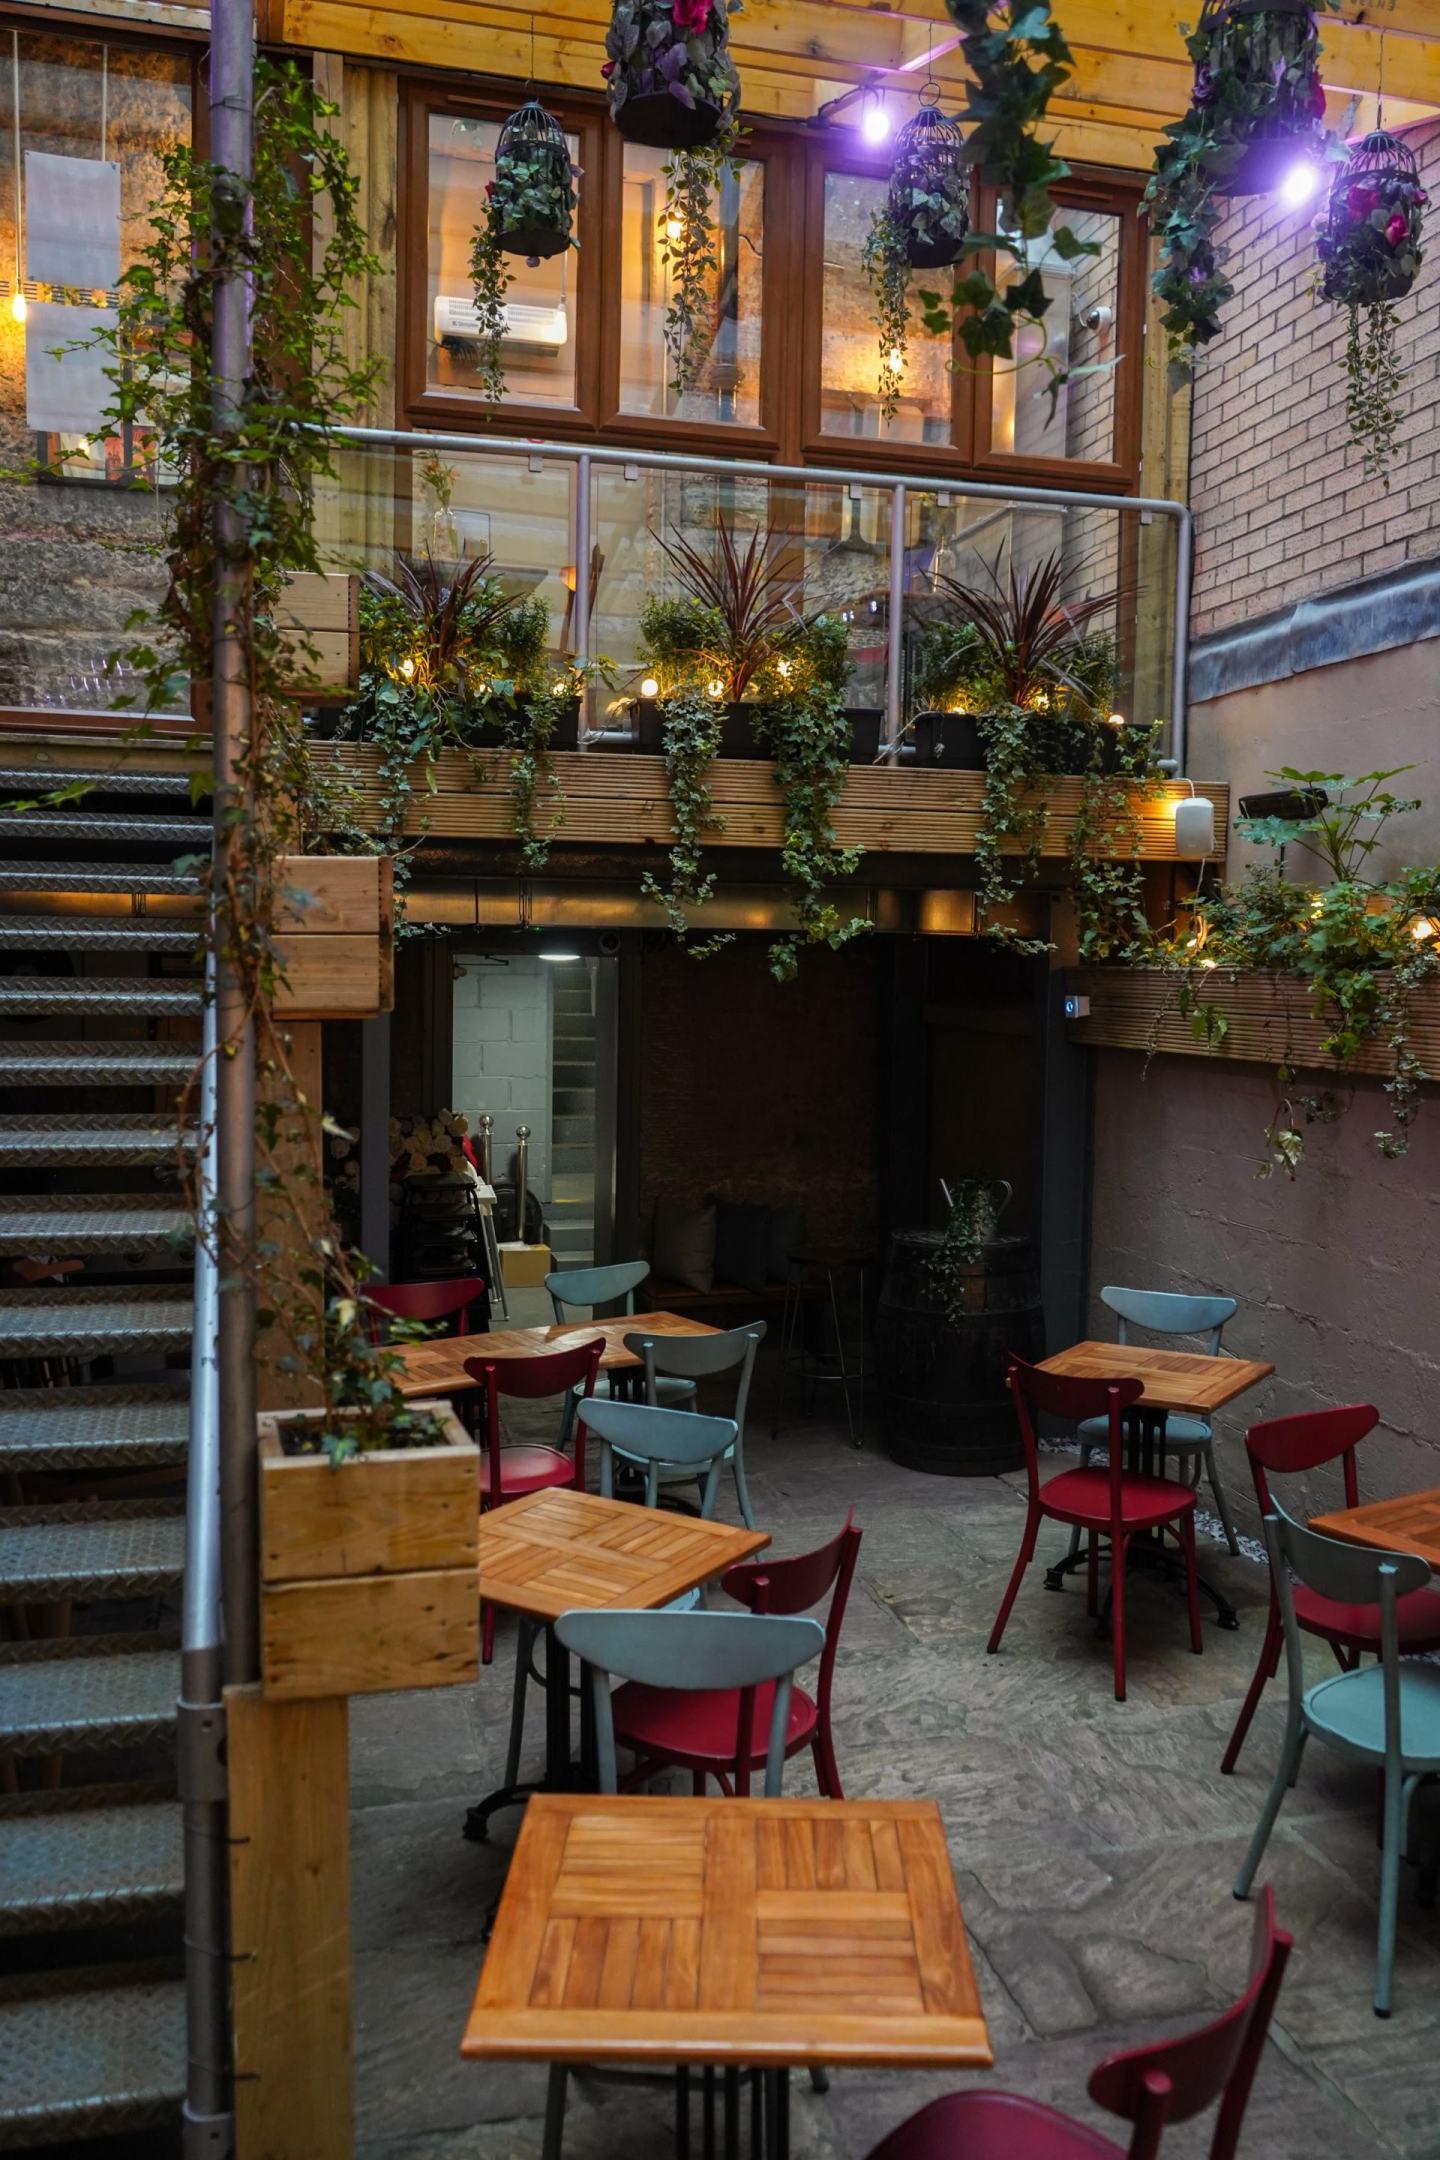 Cùl Cùil heated beer garden